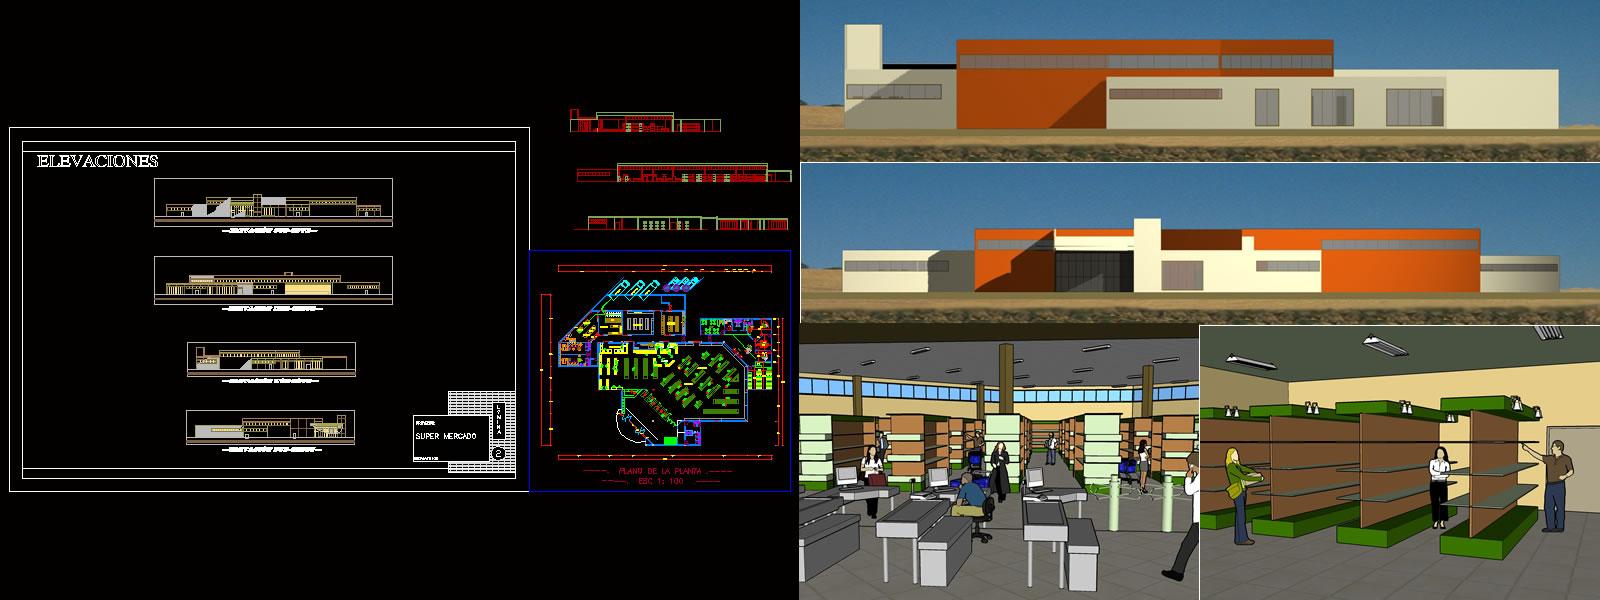 imagen 3d centro comercial, en Centros comerciales supermercados y tiendas - Proyectos